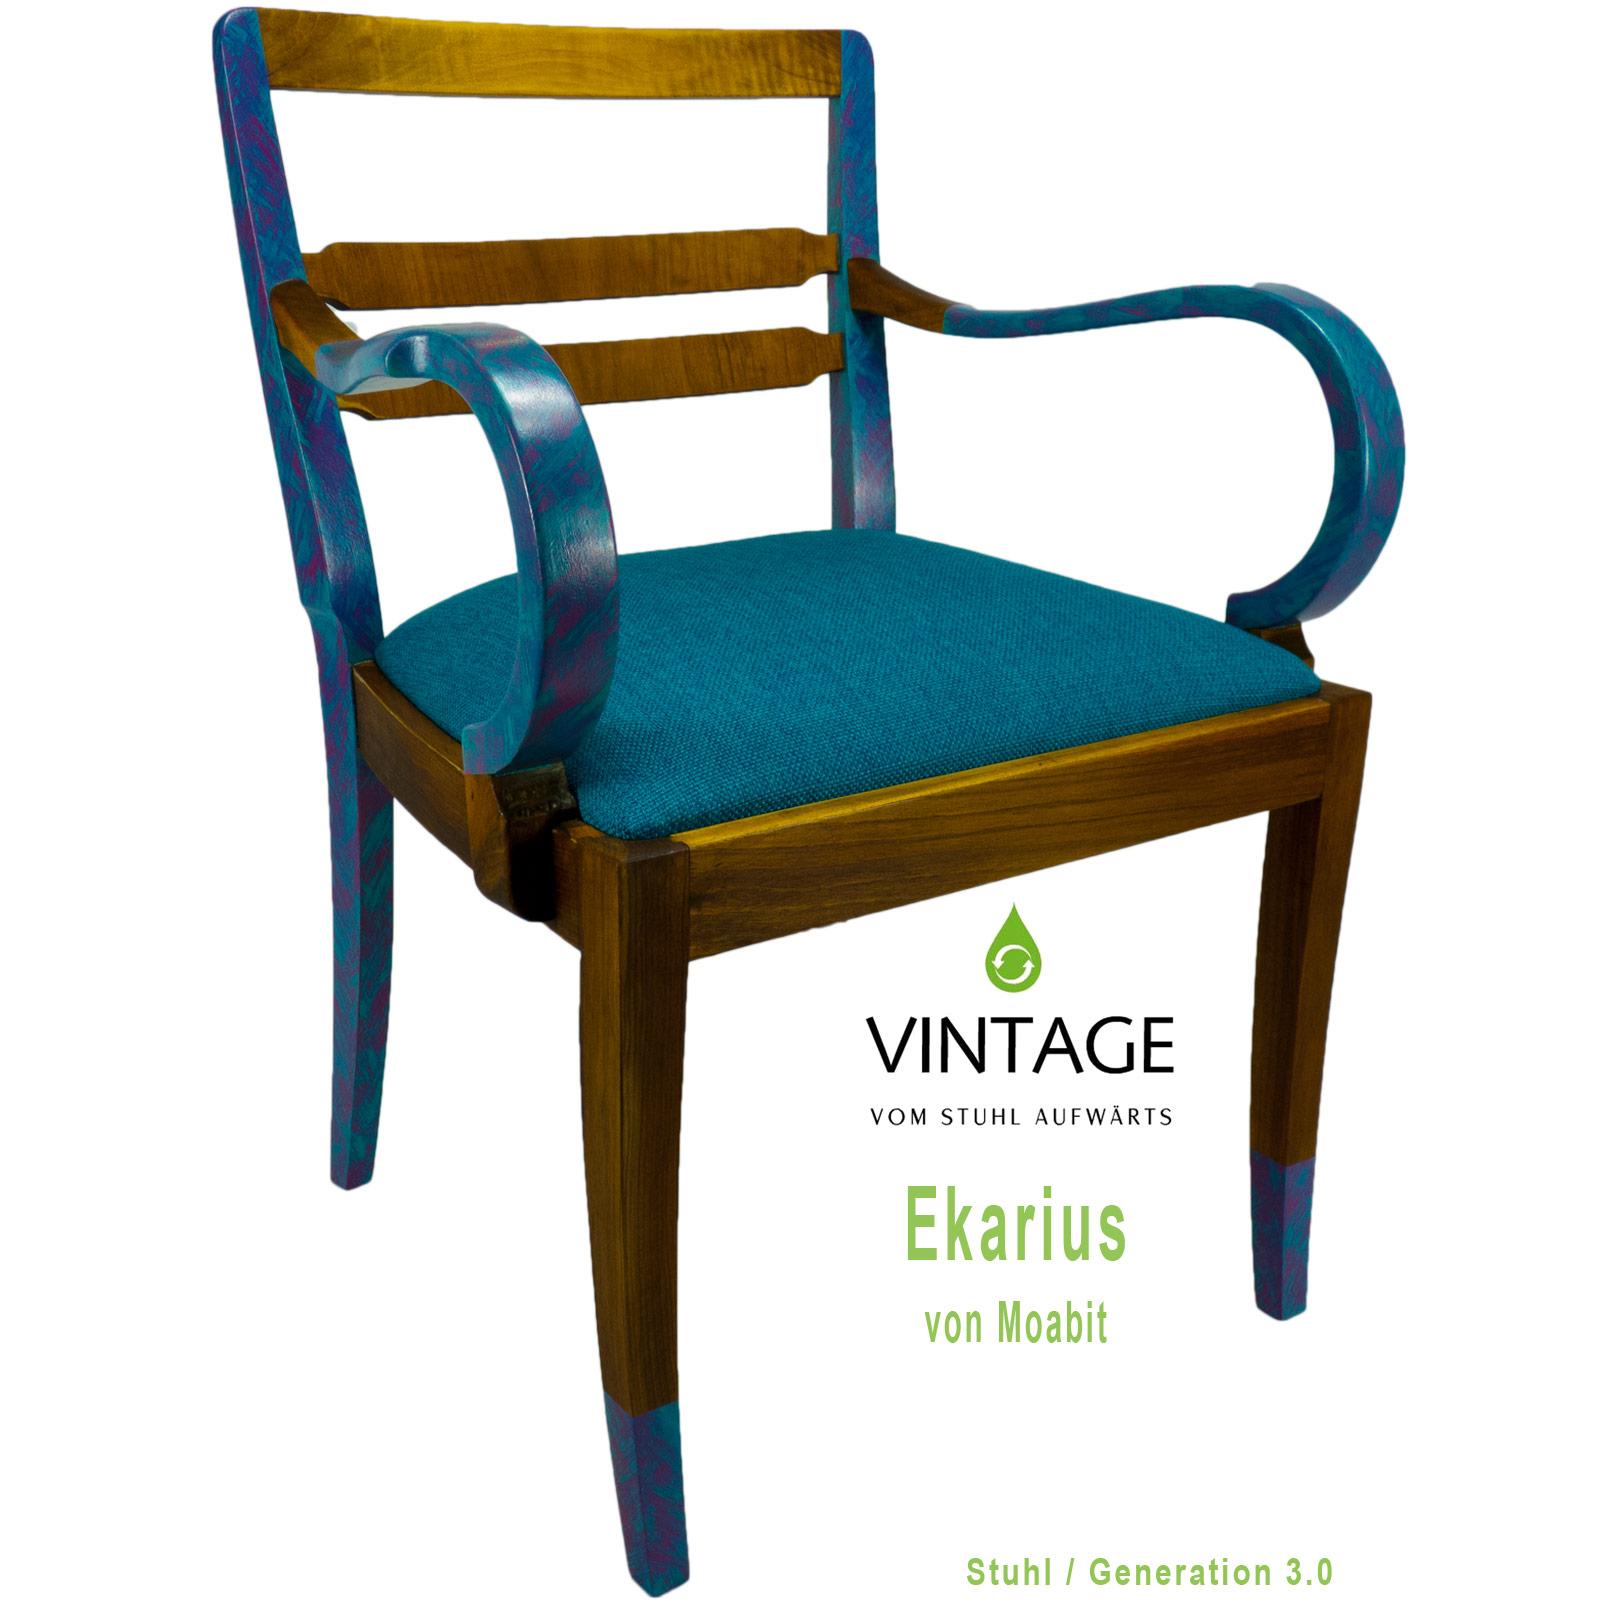 Wir stellen vor: EKARIUS von Moabit - Vintage Design